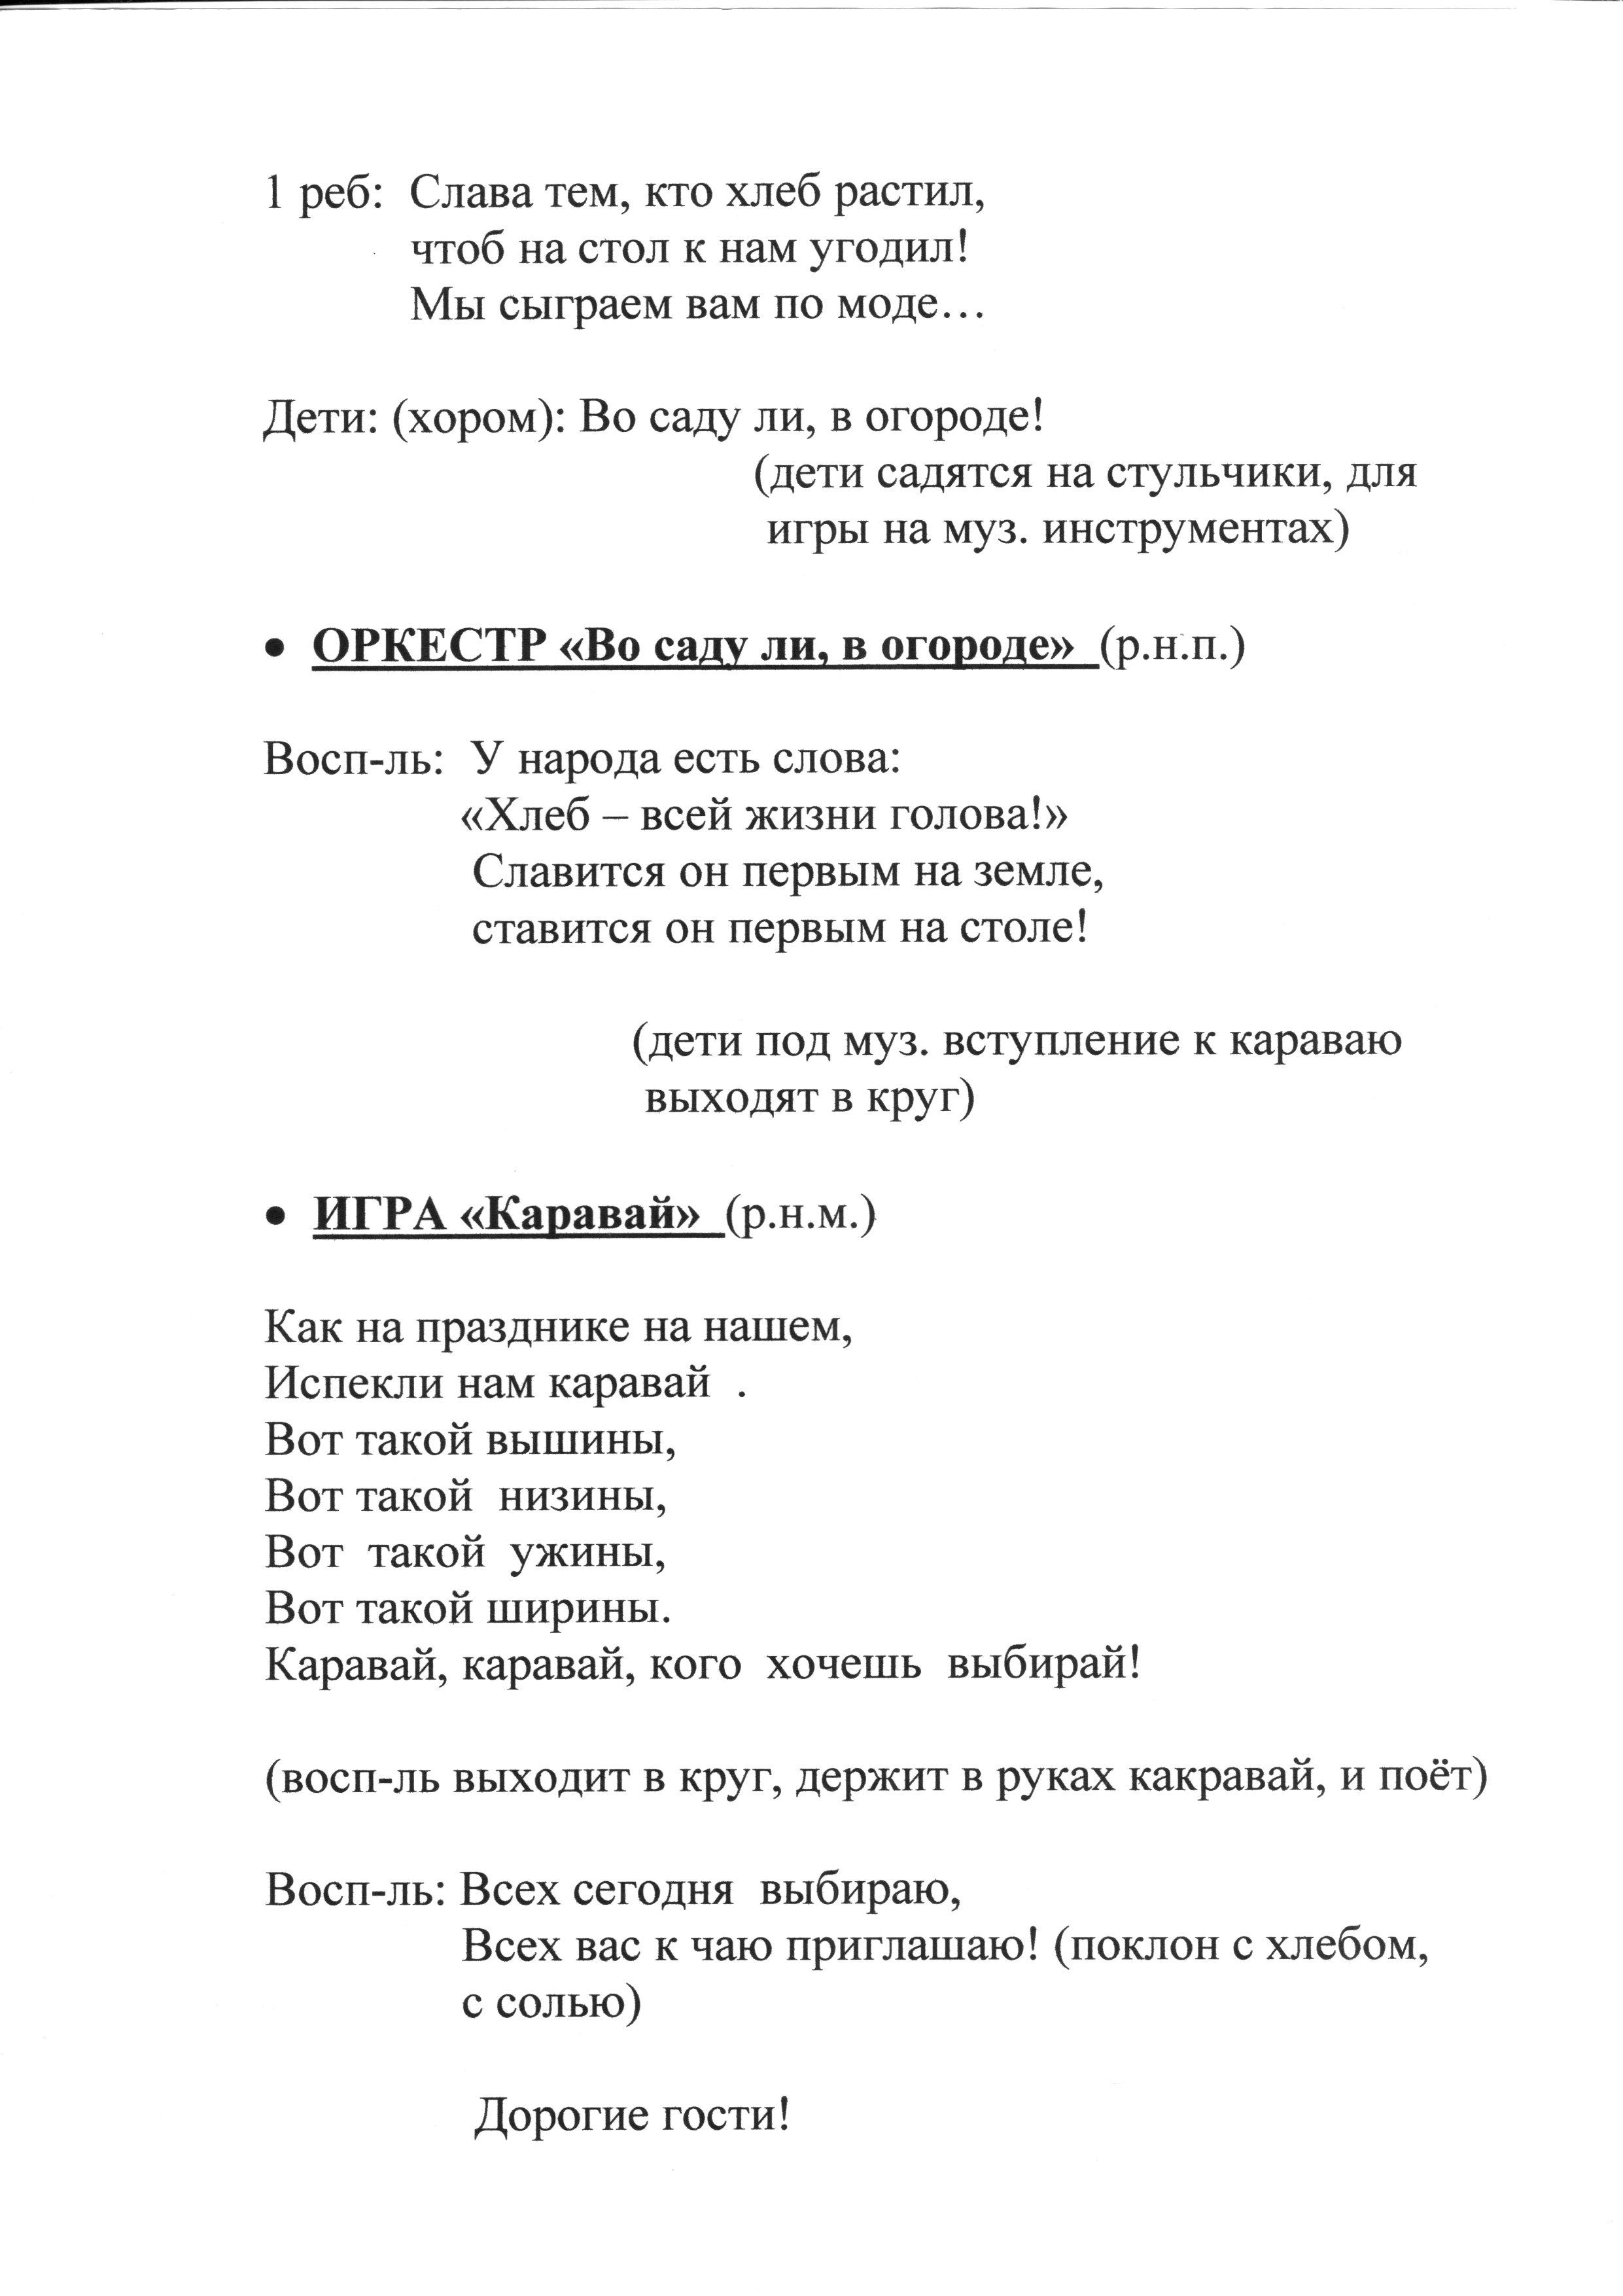 C:\Users\User\Desktop\музыкальный руководитель Сухих Е.В\img011.jpg